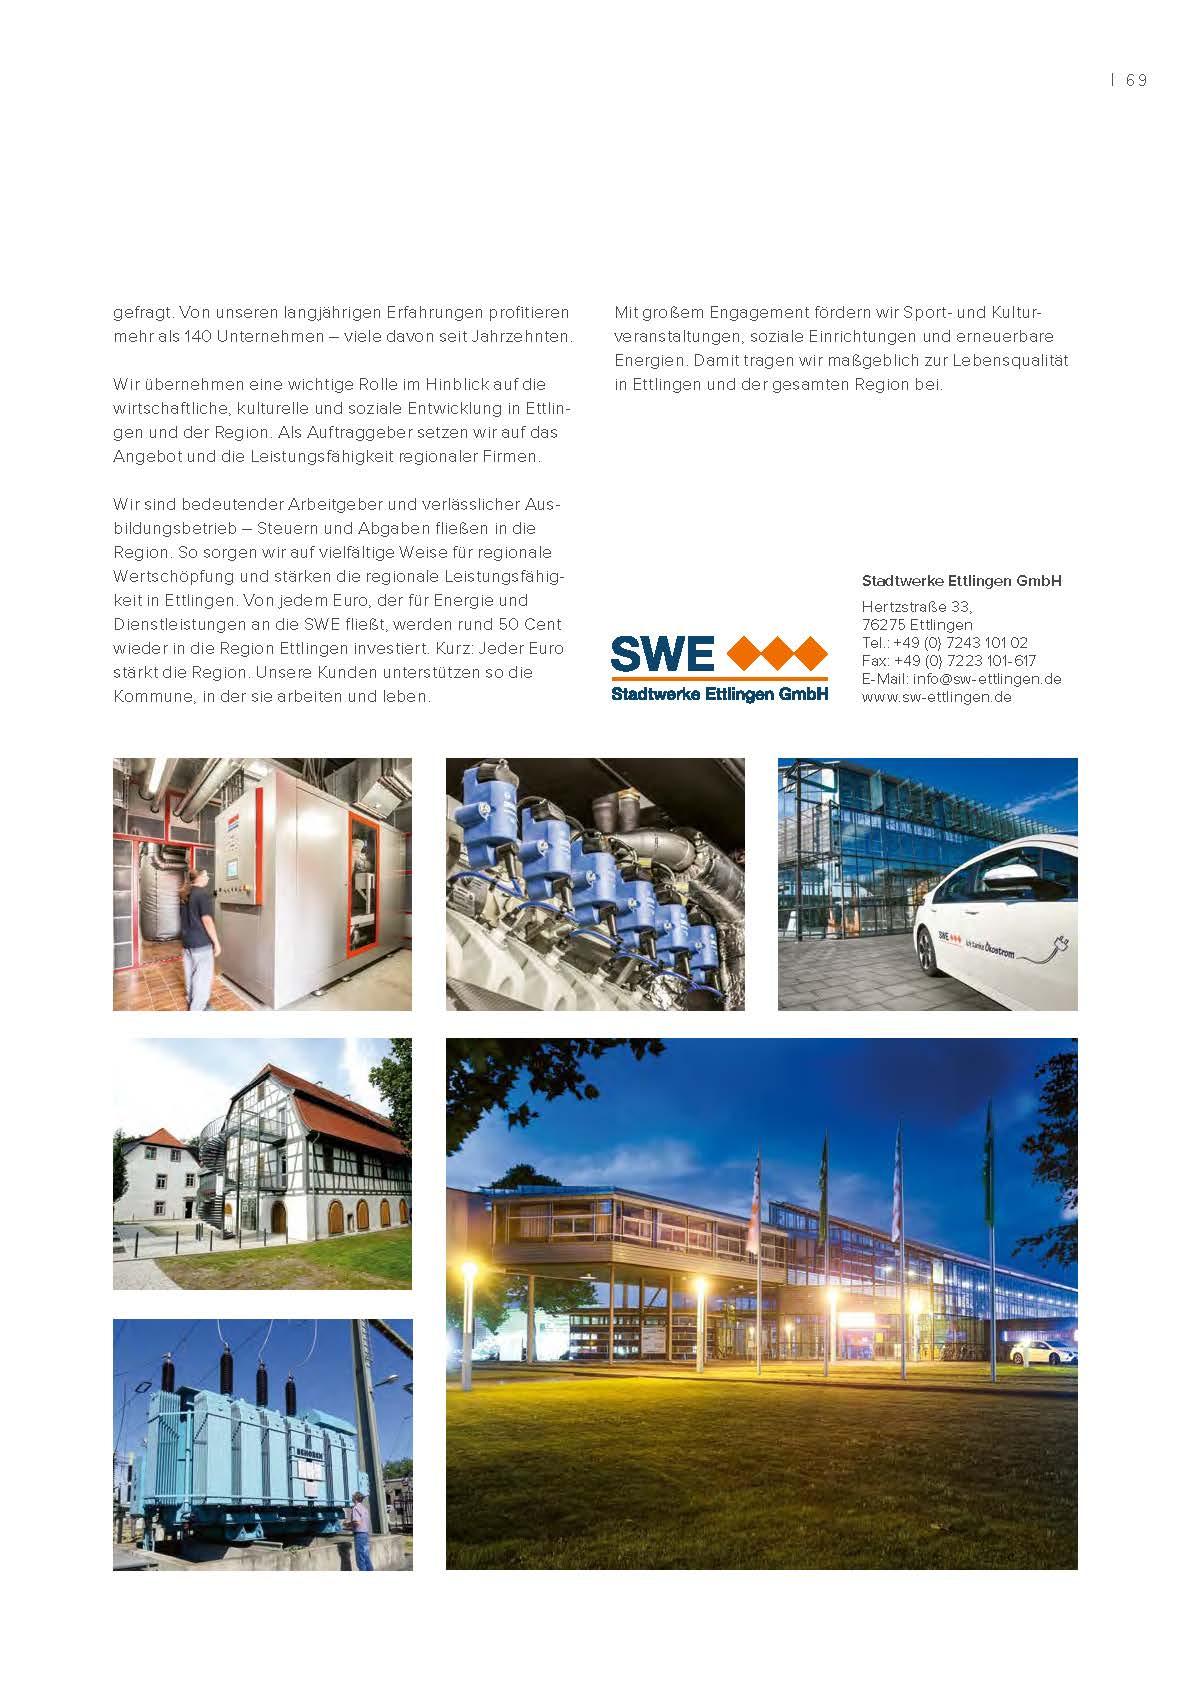 aw180913_145049sl_BME_Festschrift_WEB_Seite_73